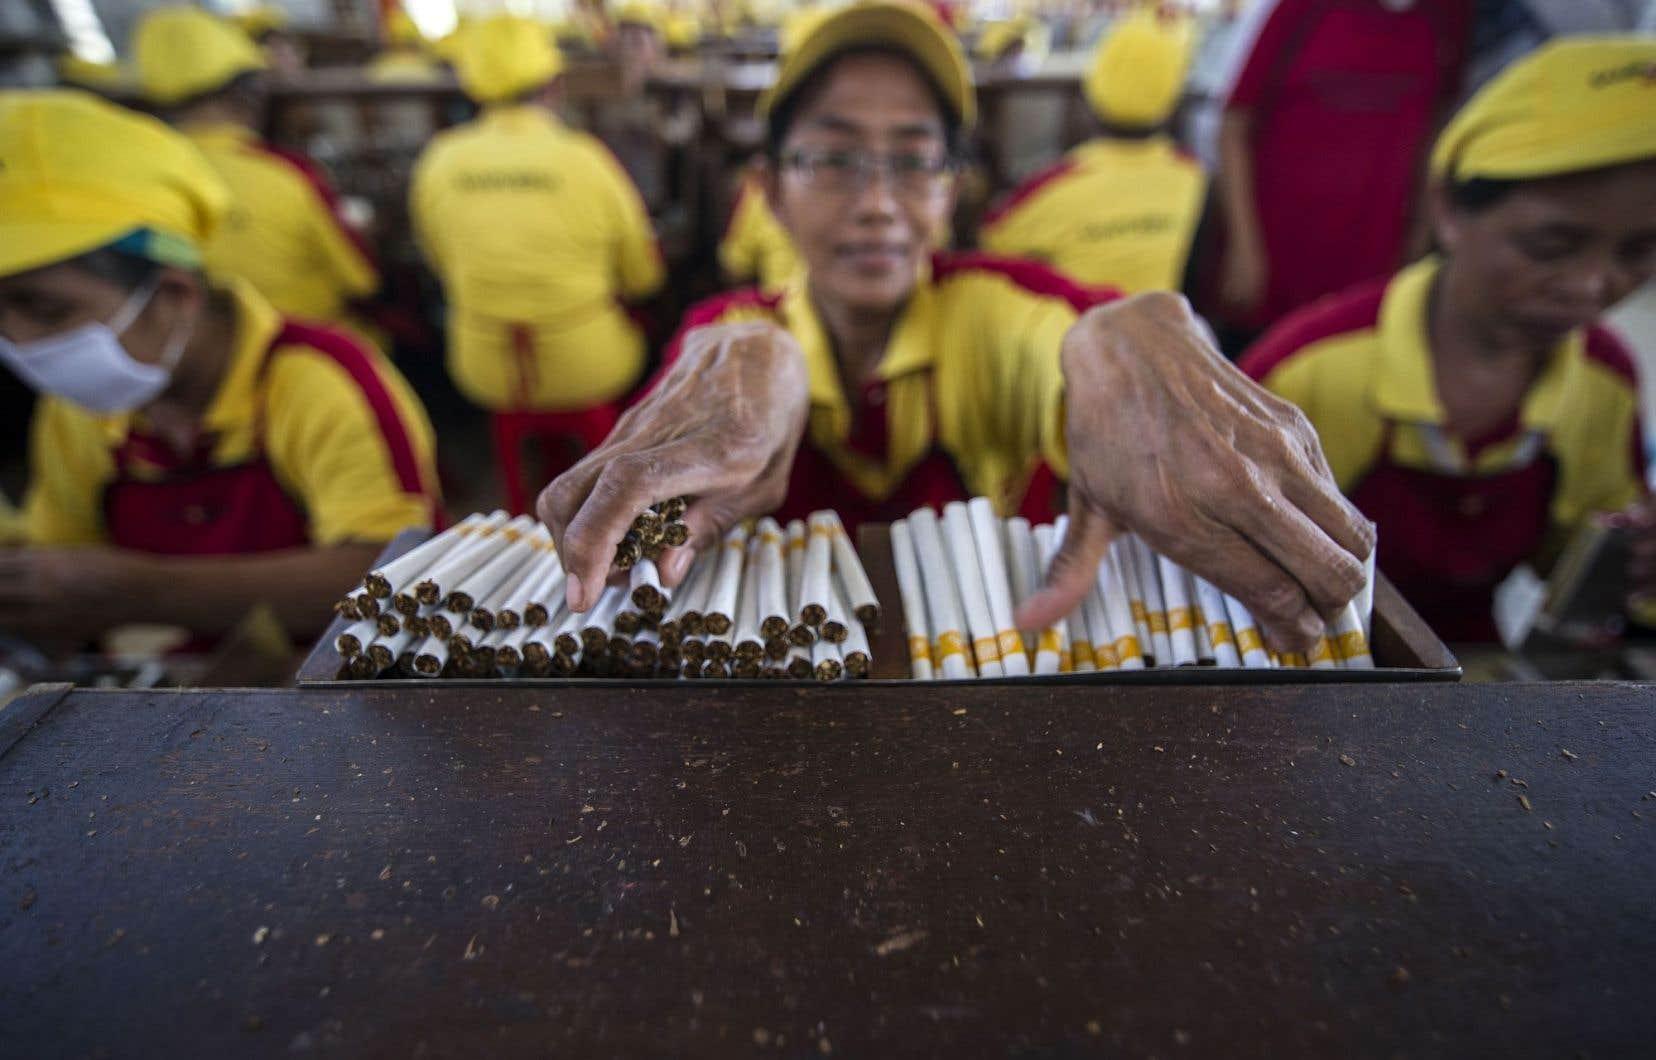 Une usine de cigarettes à Surabaya, en Indonésie. Ce pays d'Asie n'a pas enregistré de progrès entre 1990 et 2015.